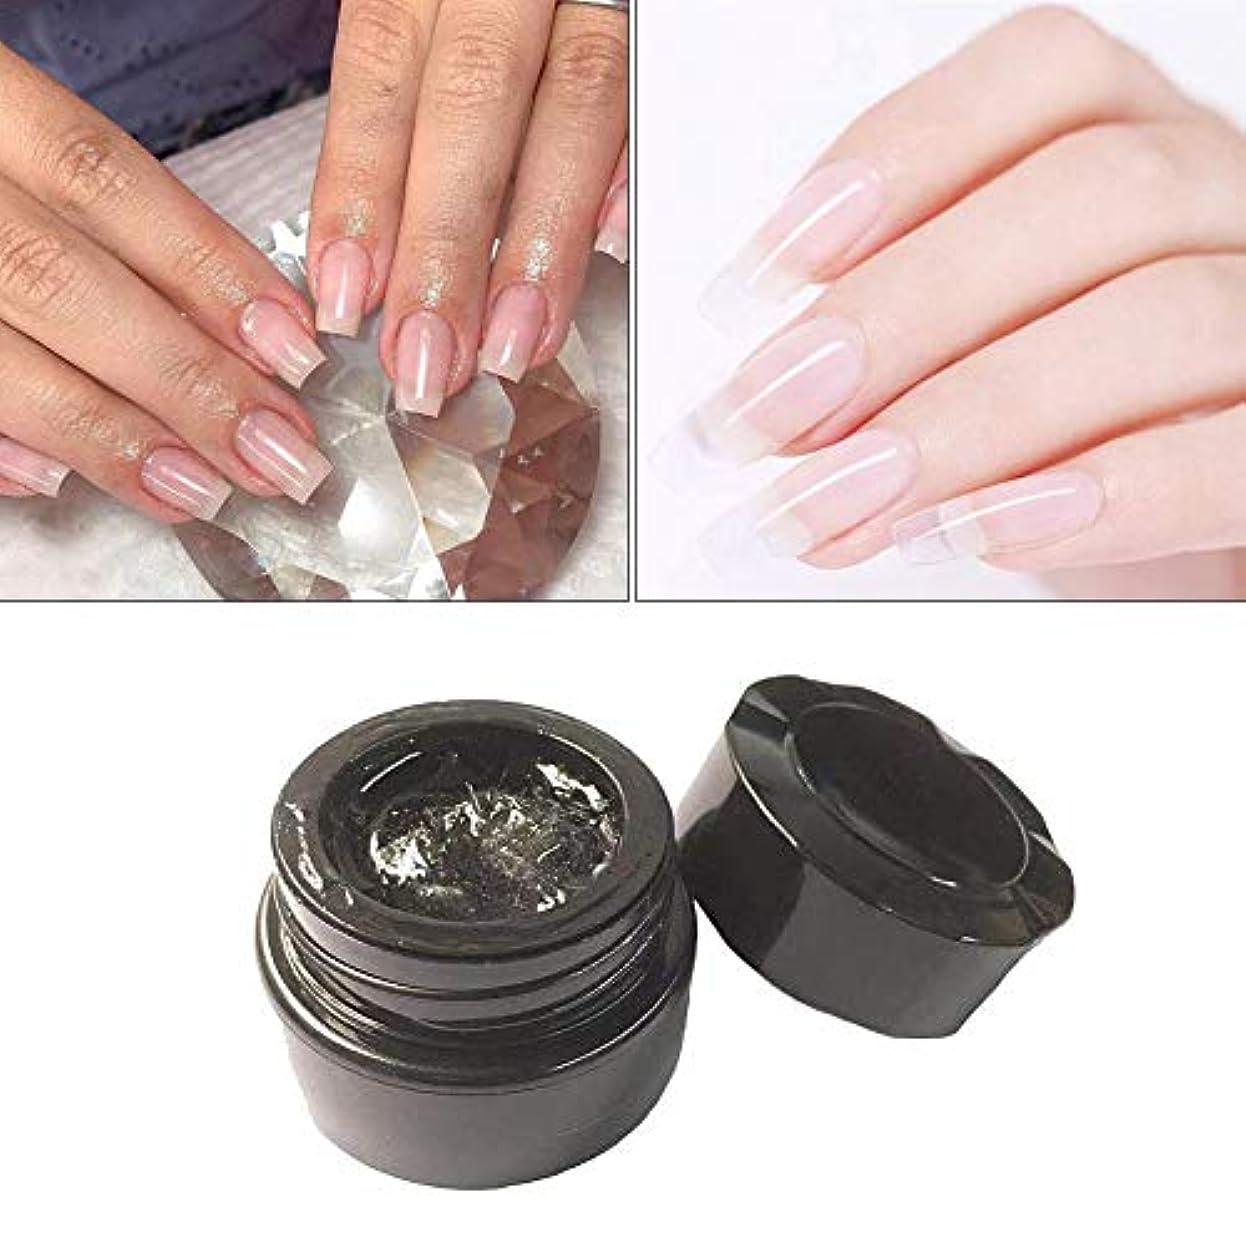 刈る事件、出来事スロープAnkishi® 釘の延長繊維1-2CMのガラス繊維のゲルの釘の芸術の速い光線療法の延長ゲル